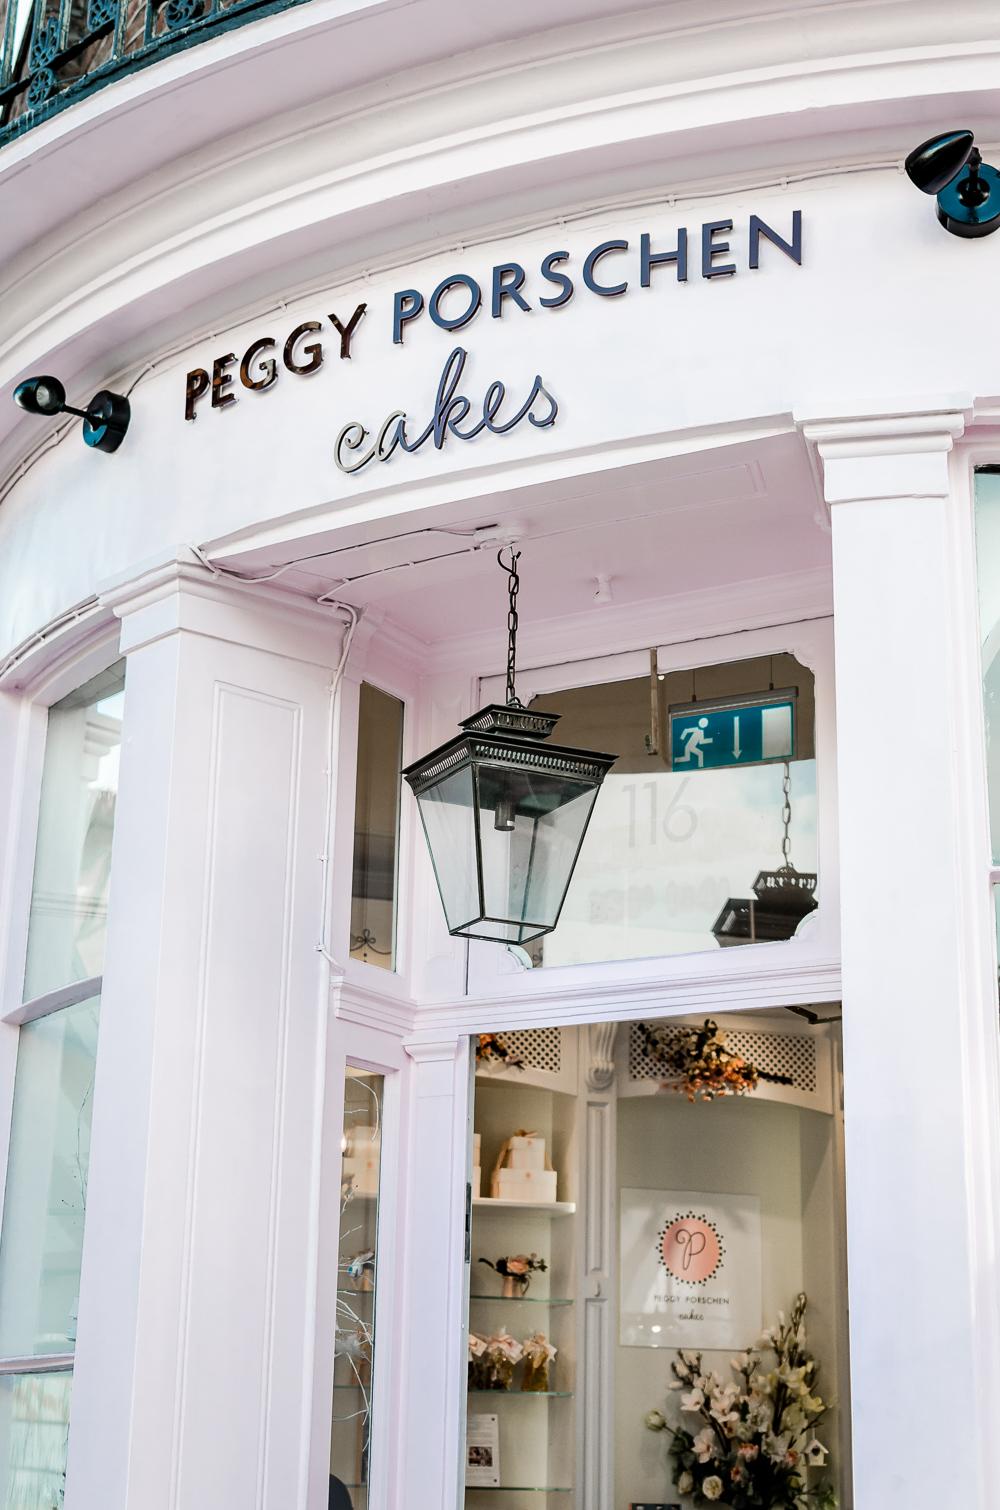 London Reise-Peggy Porschen Cakes-Café London-London Hotspots-Reiseblogger-andysparkles